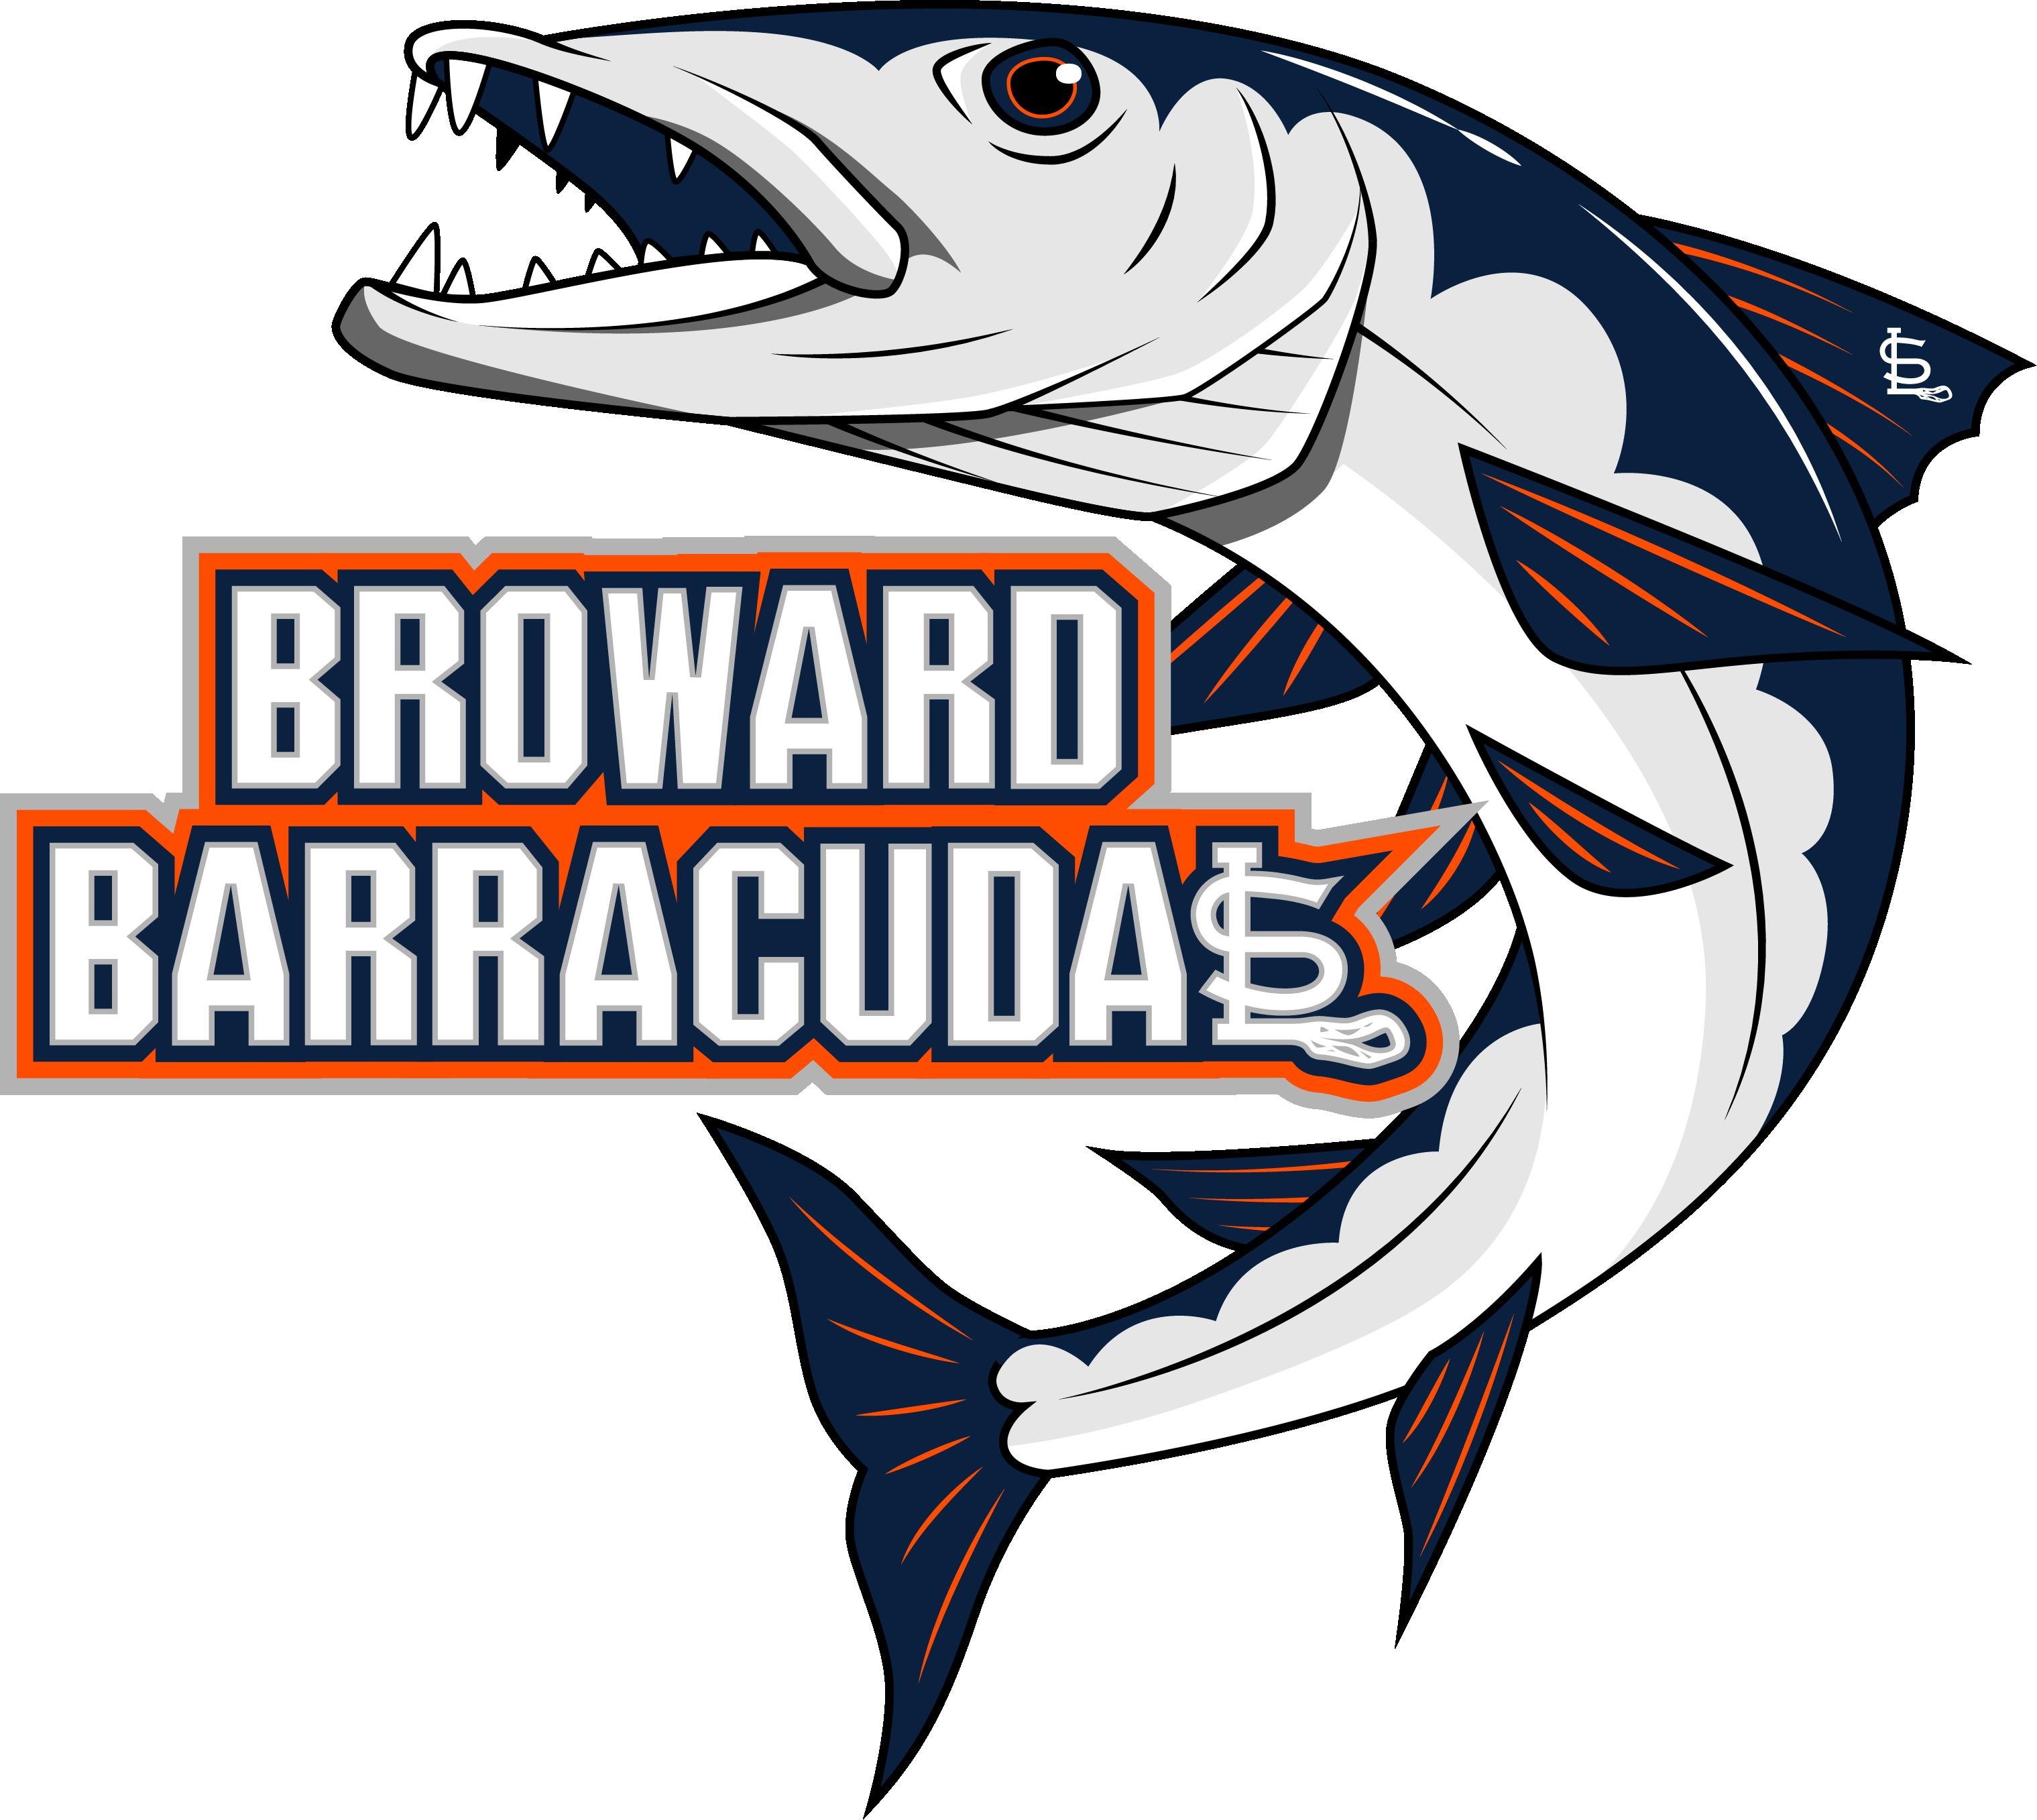 Barracudas (1)